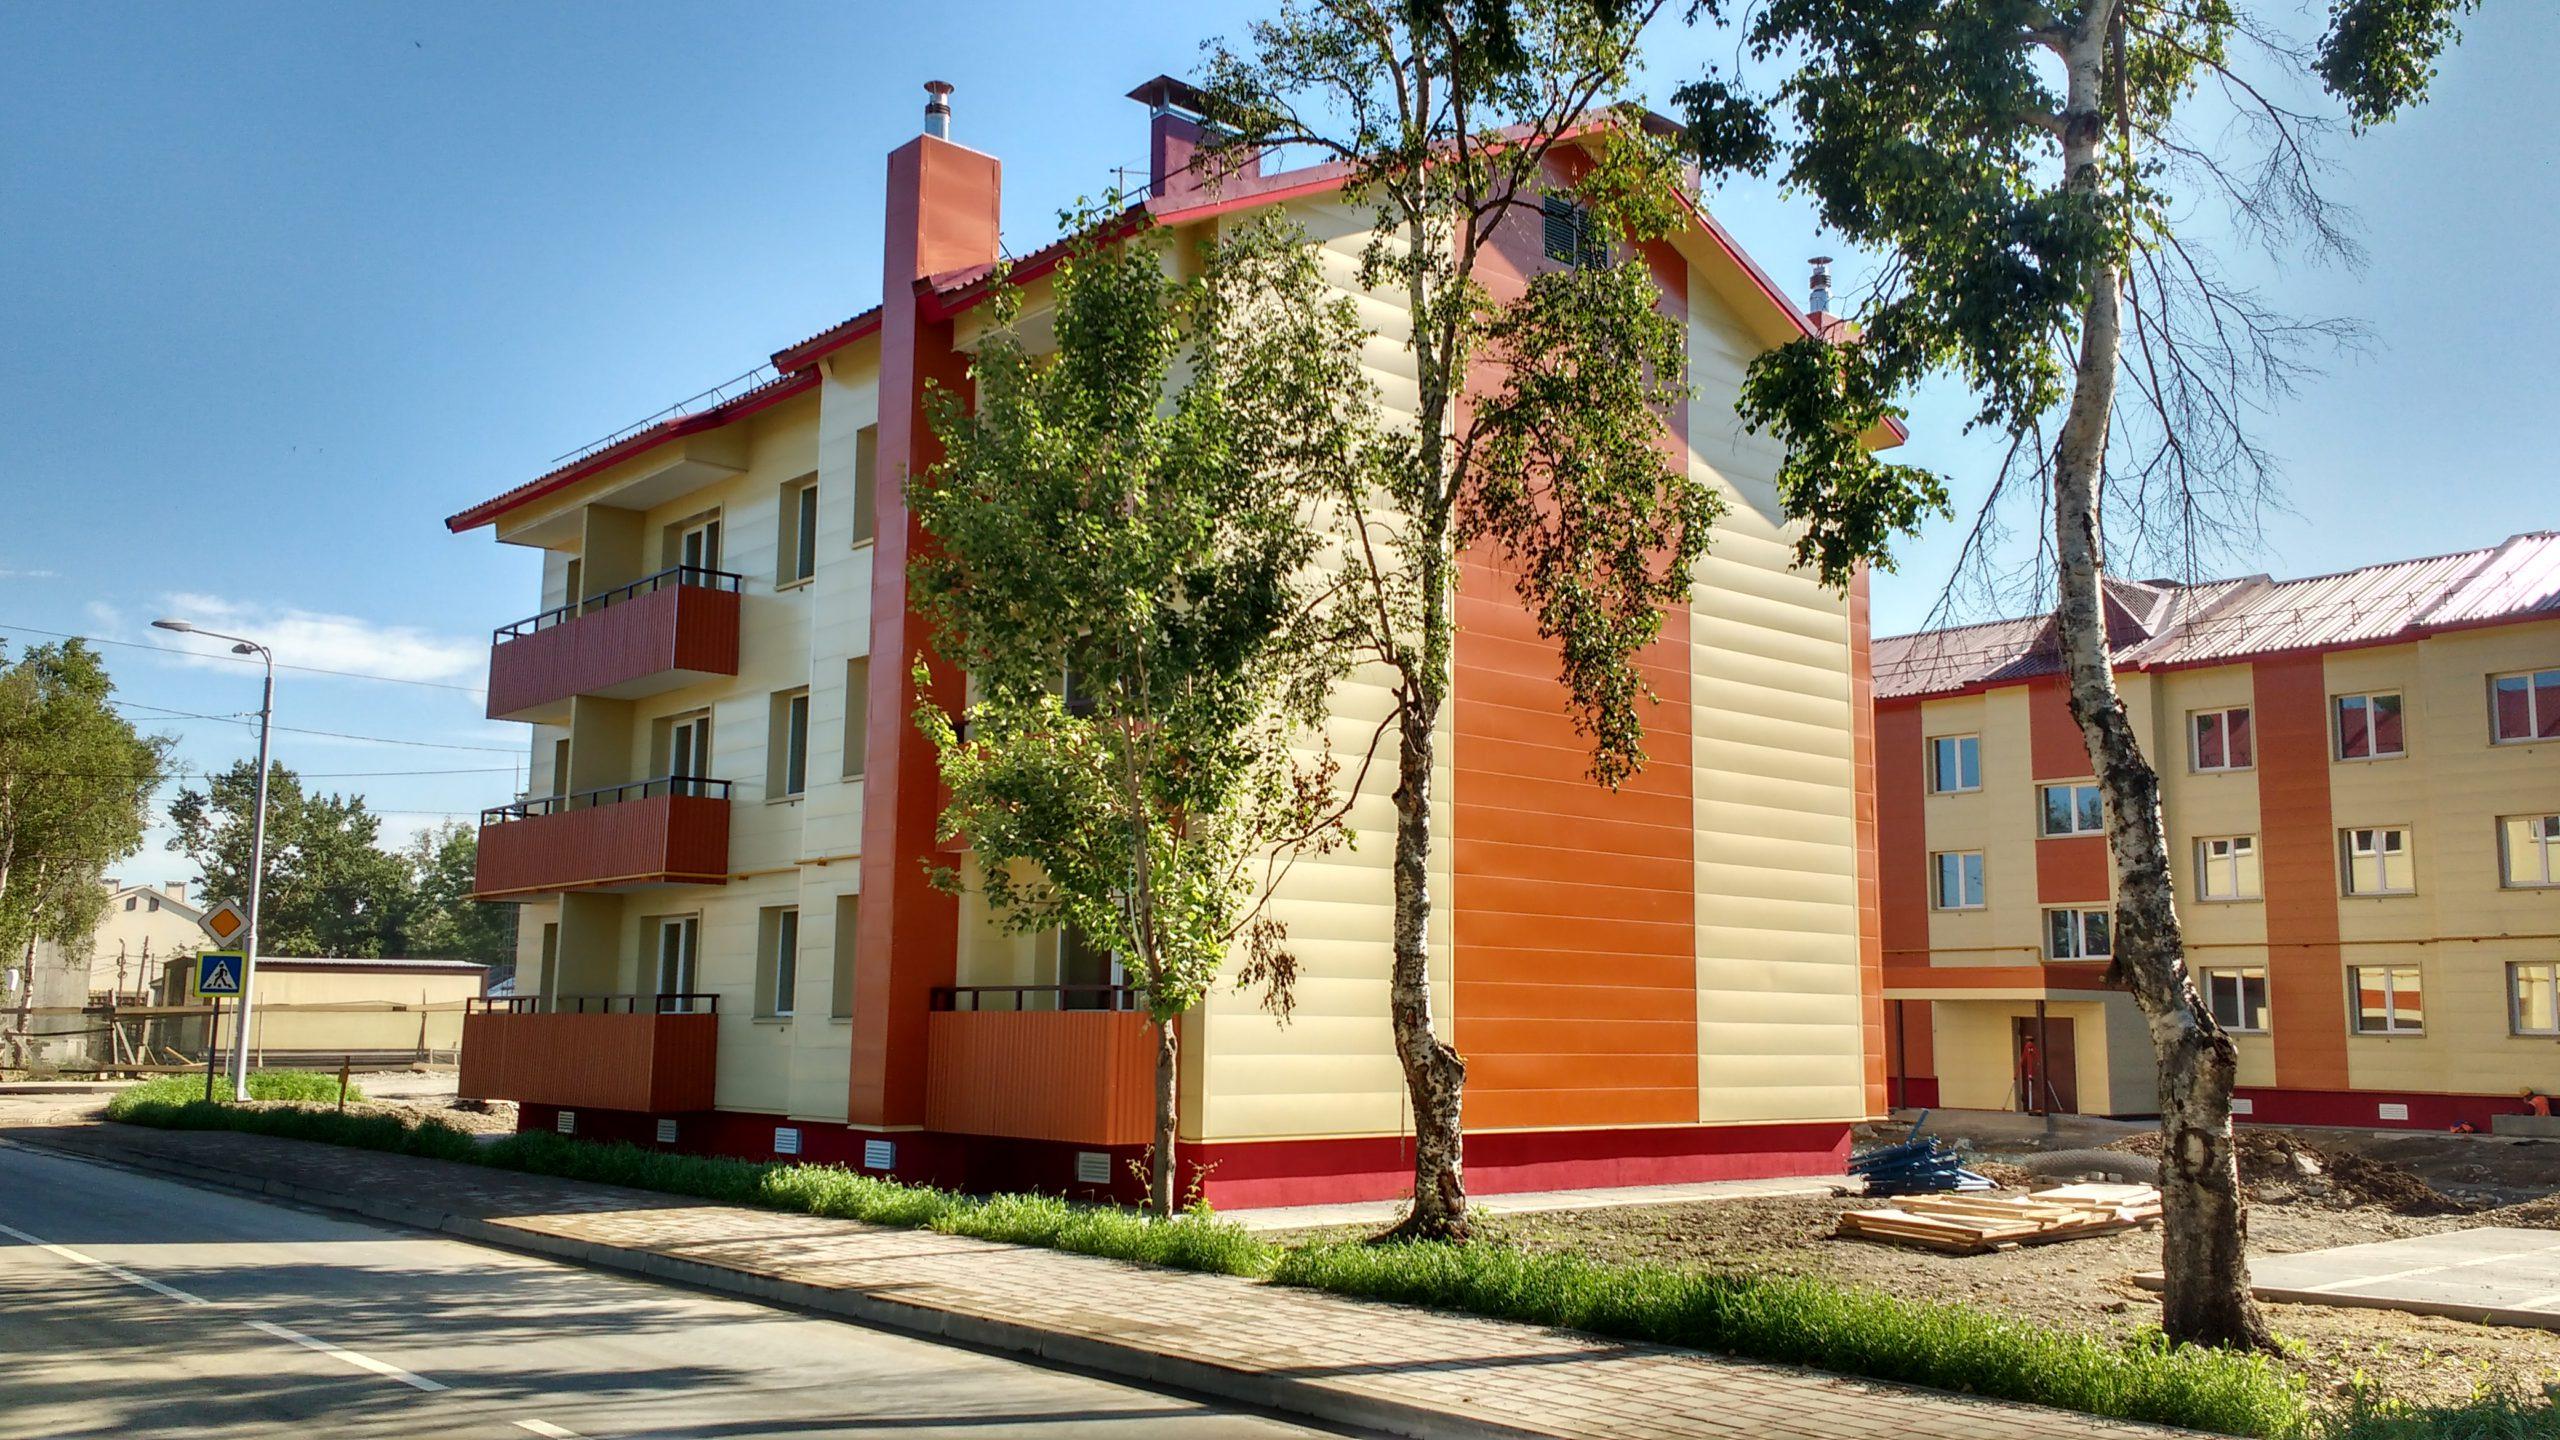 Строительство малоэтажных жилых домов в г.Южно-Сахалинске (25 мк, 3 очередь)